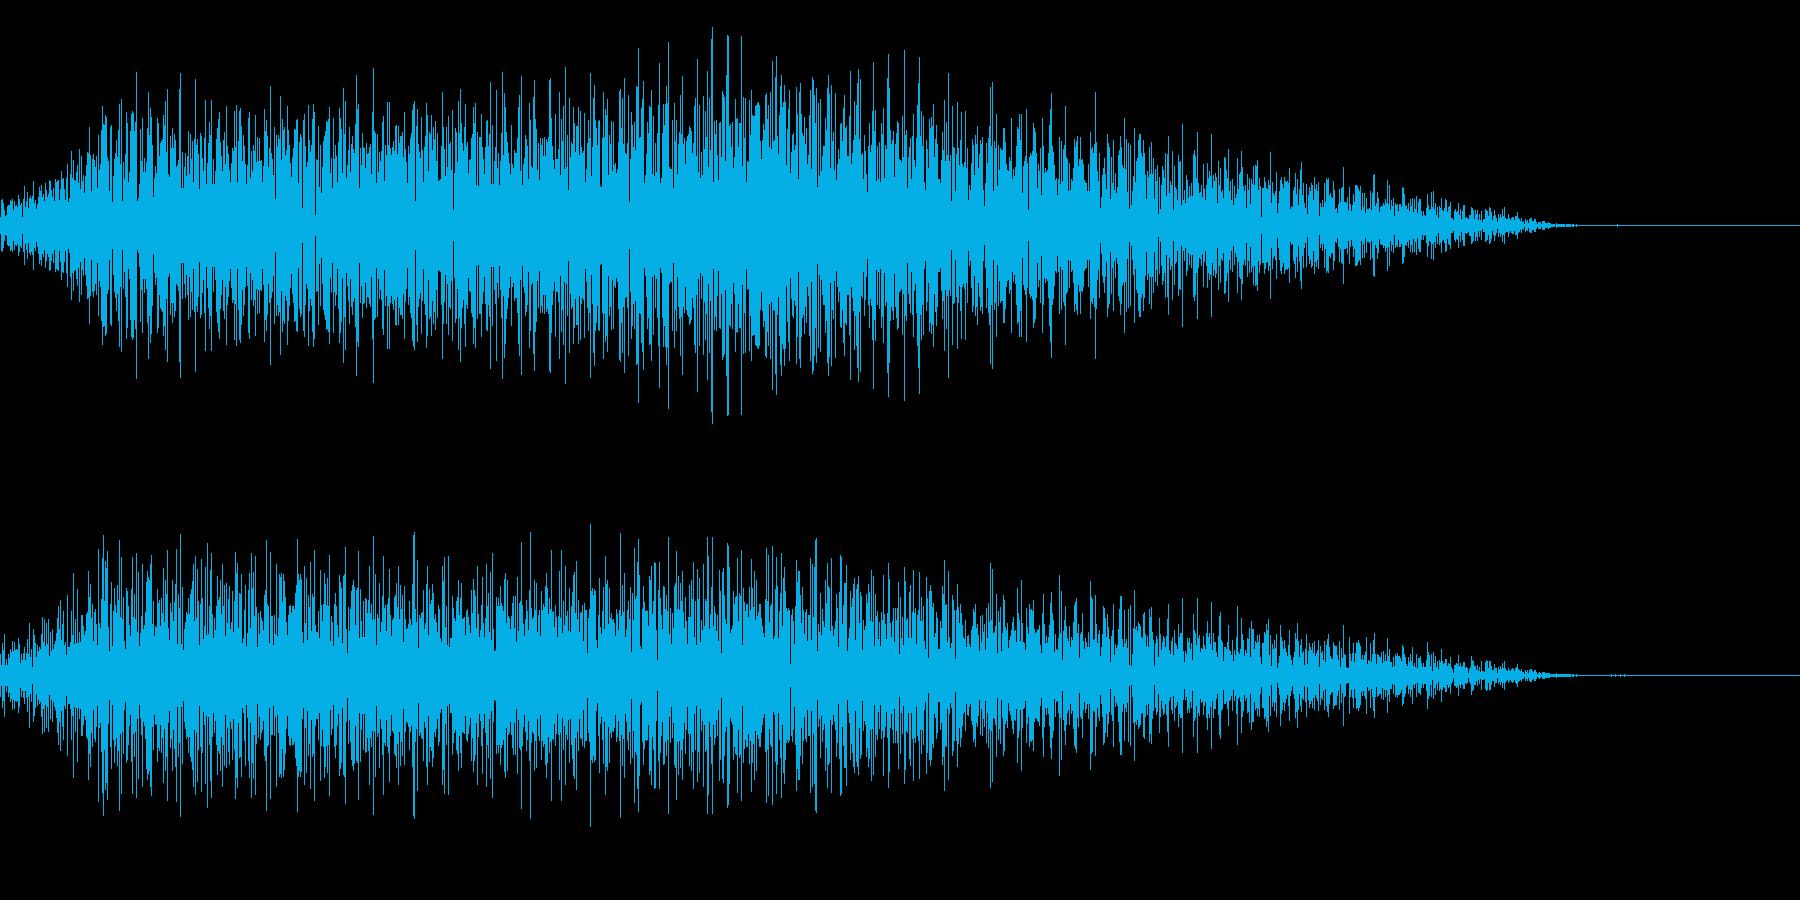 シュイーン(閉まる 縮む 縮小)の再生済みの波形